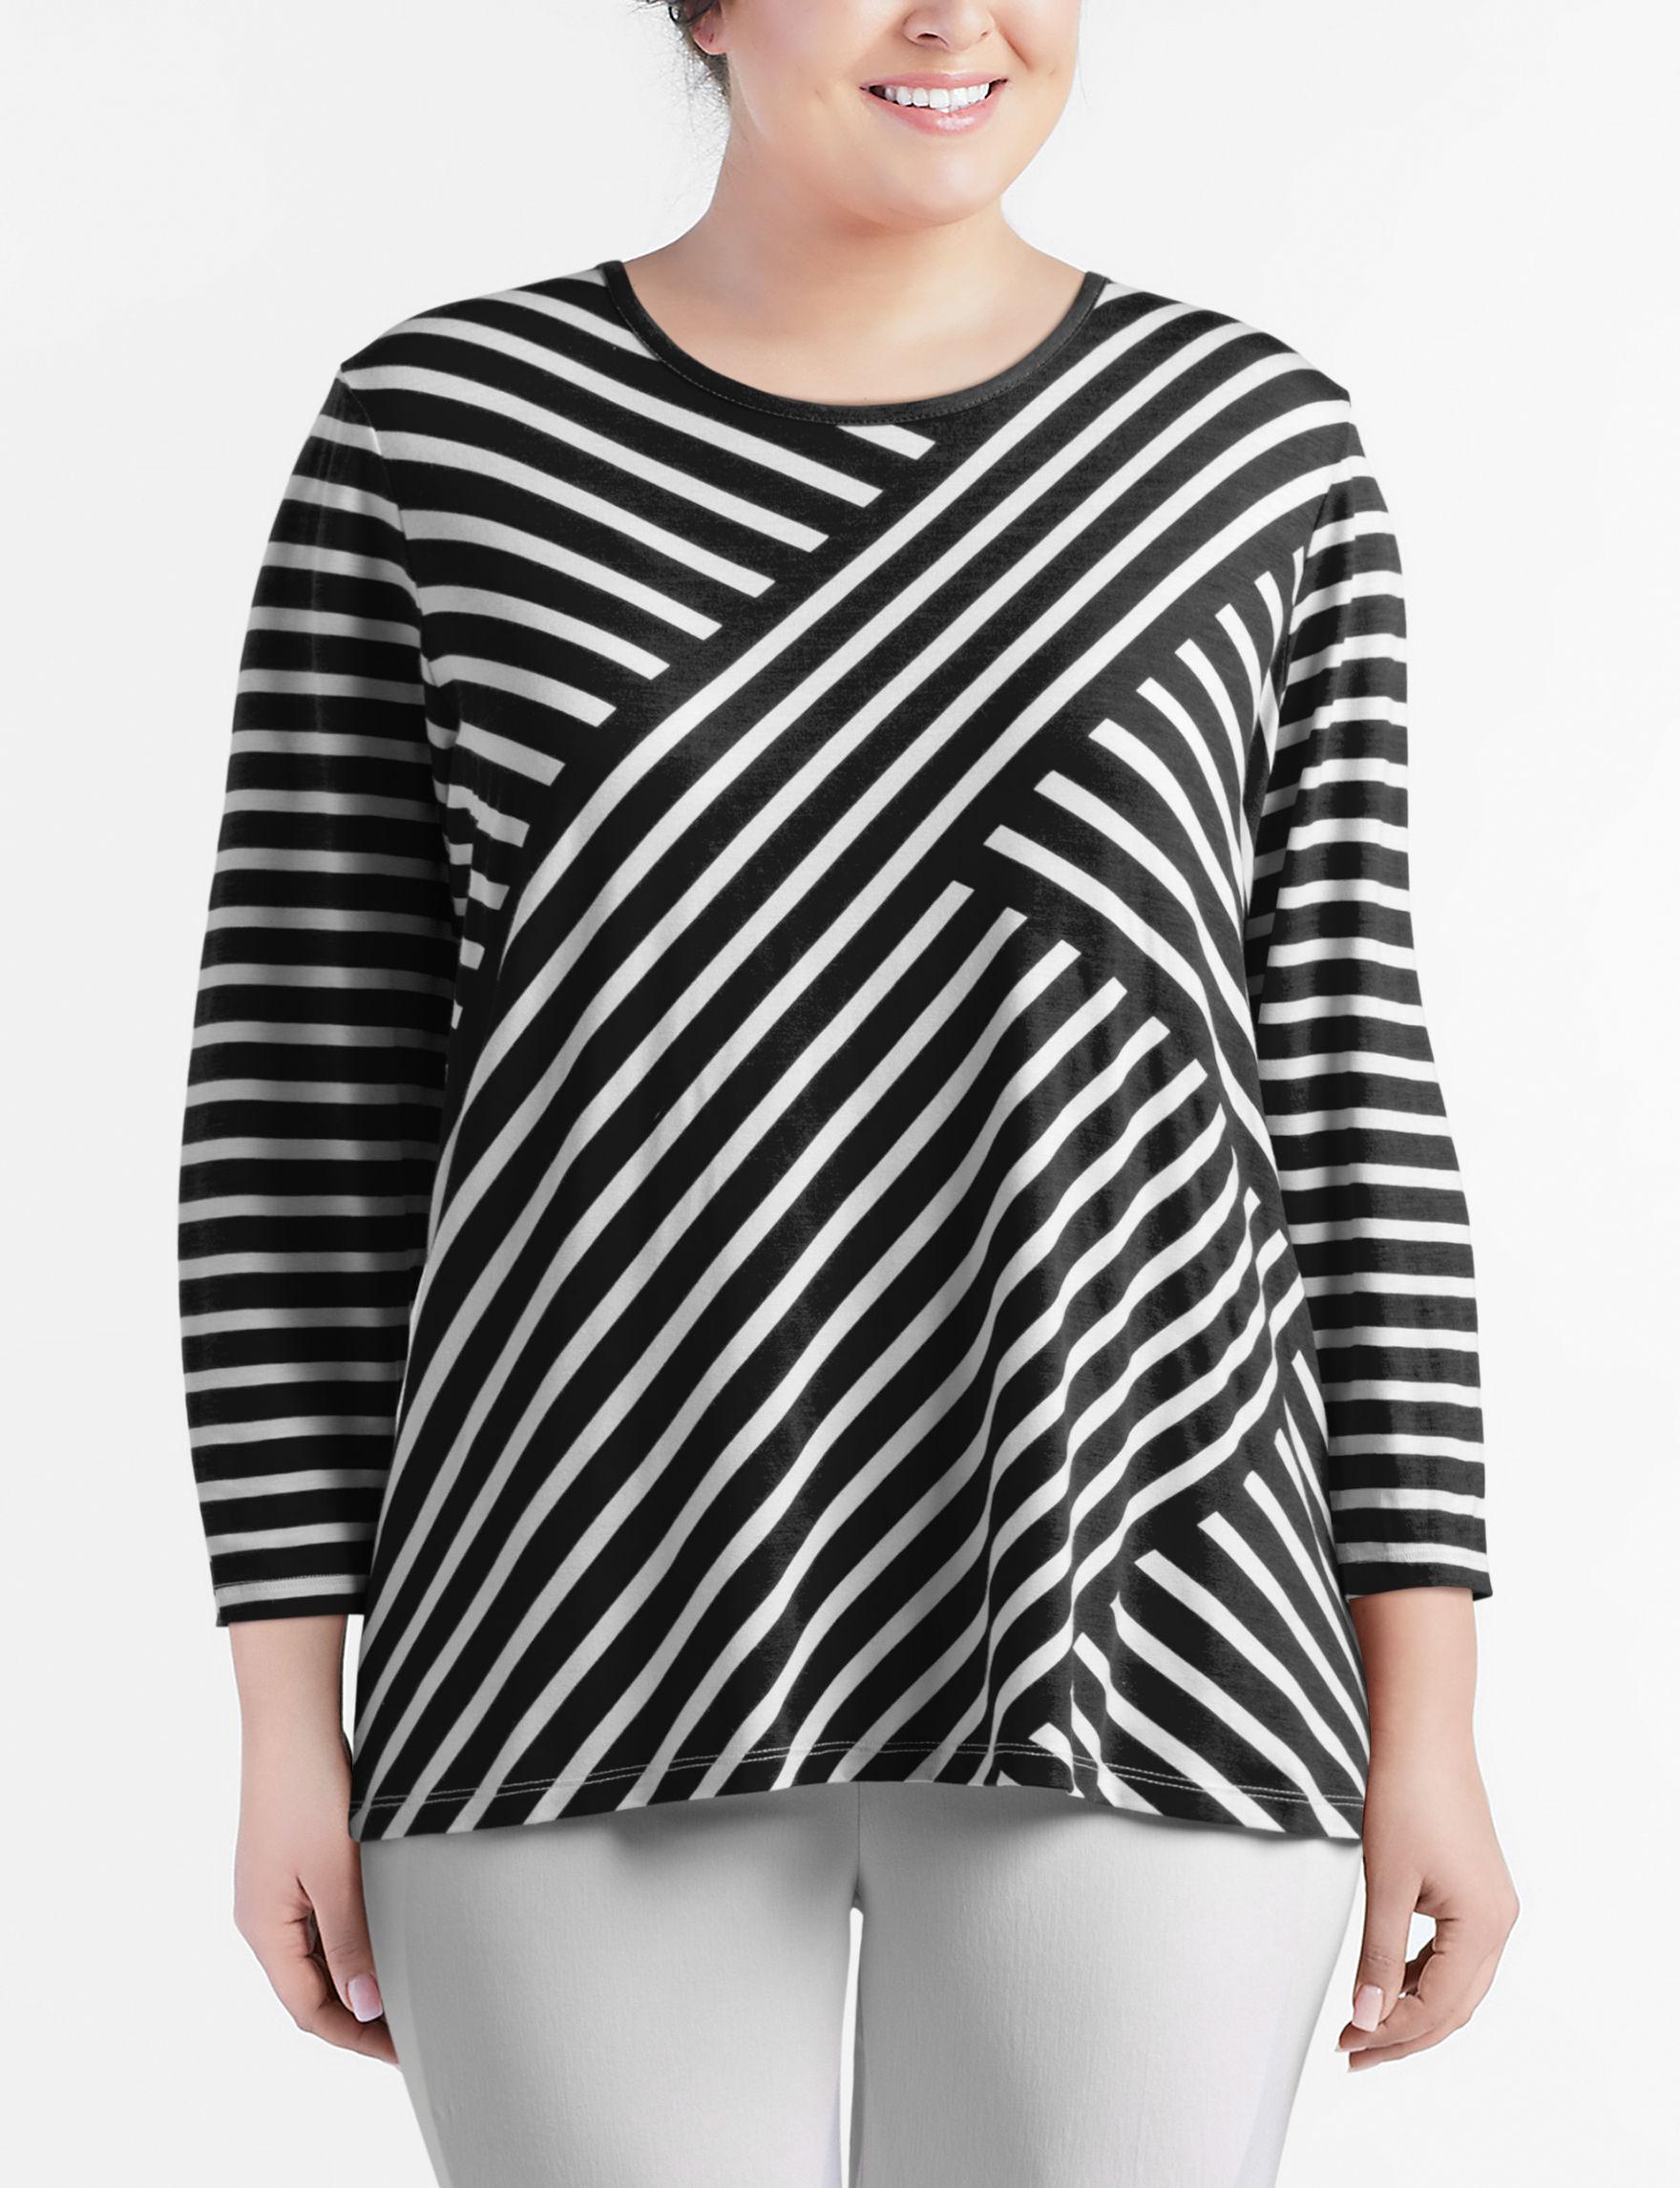 410756338e6 Rebecca Malone Plus-size Asymmetrical Striped Knit Top